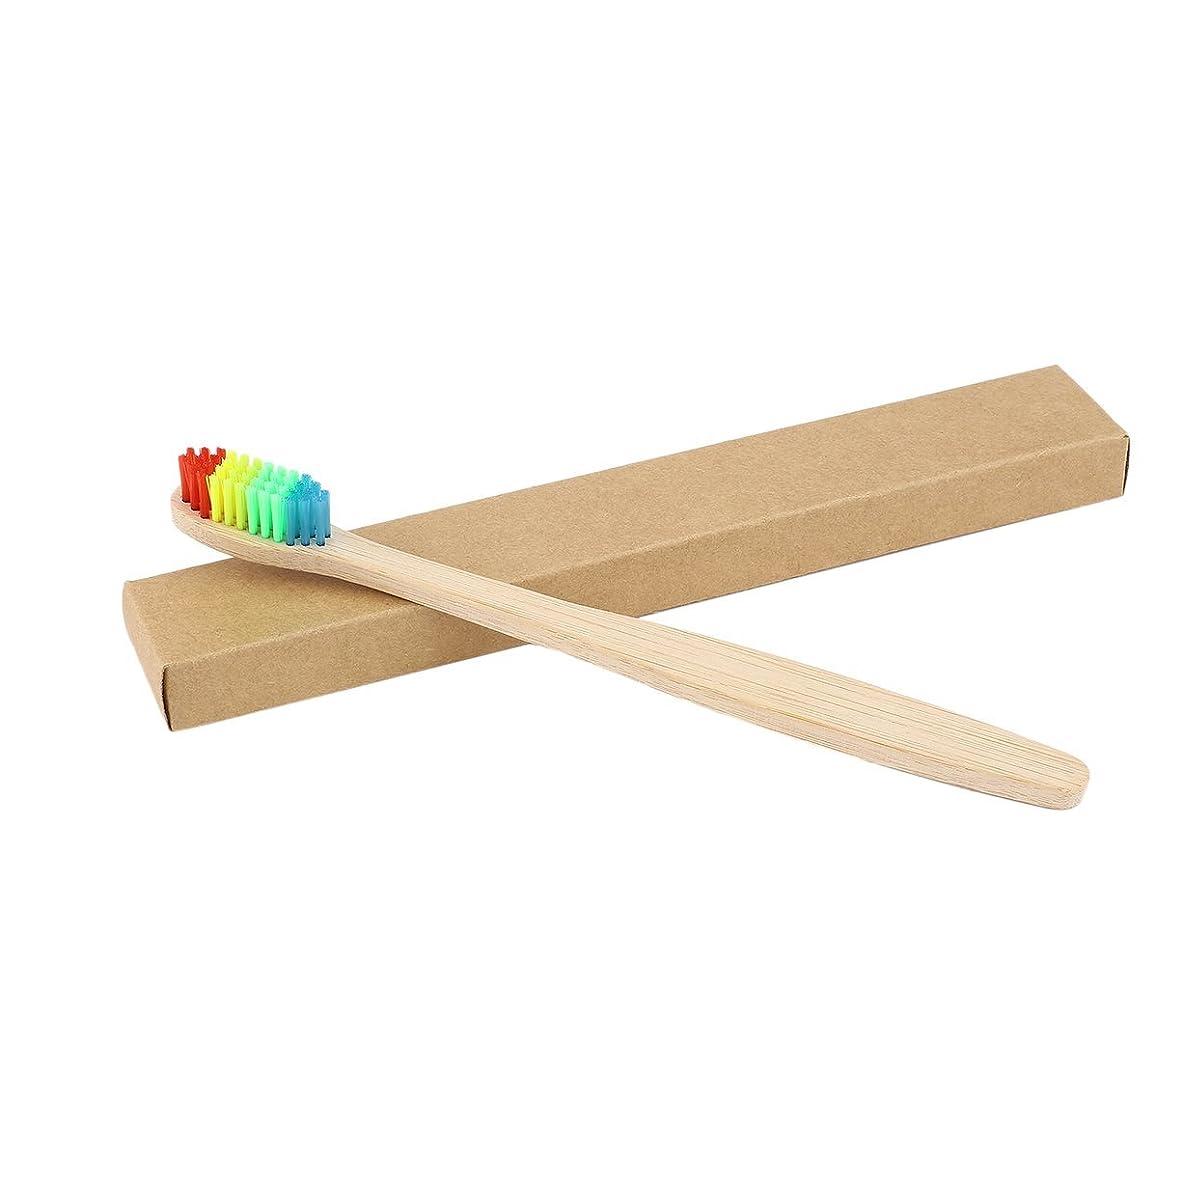 ワイド知恵不純カラフルな髪+竹のハンドル歯ブラシ環境木製の虹竹の歯ブラシオーラルケアソフト剛毛ユニセックス - ウッドカラー+カラフル